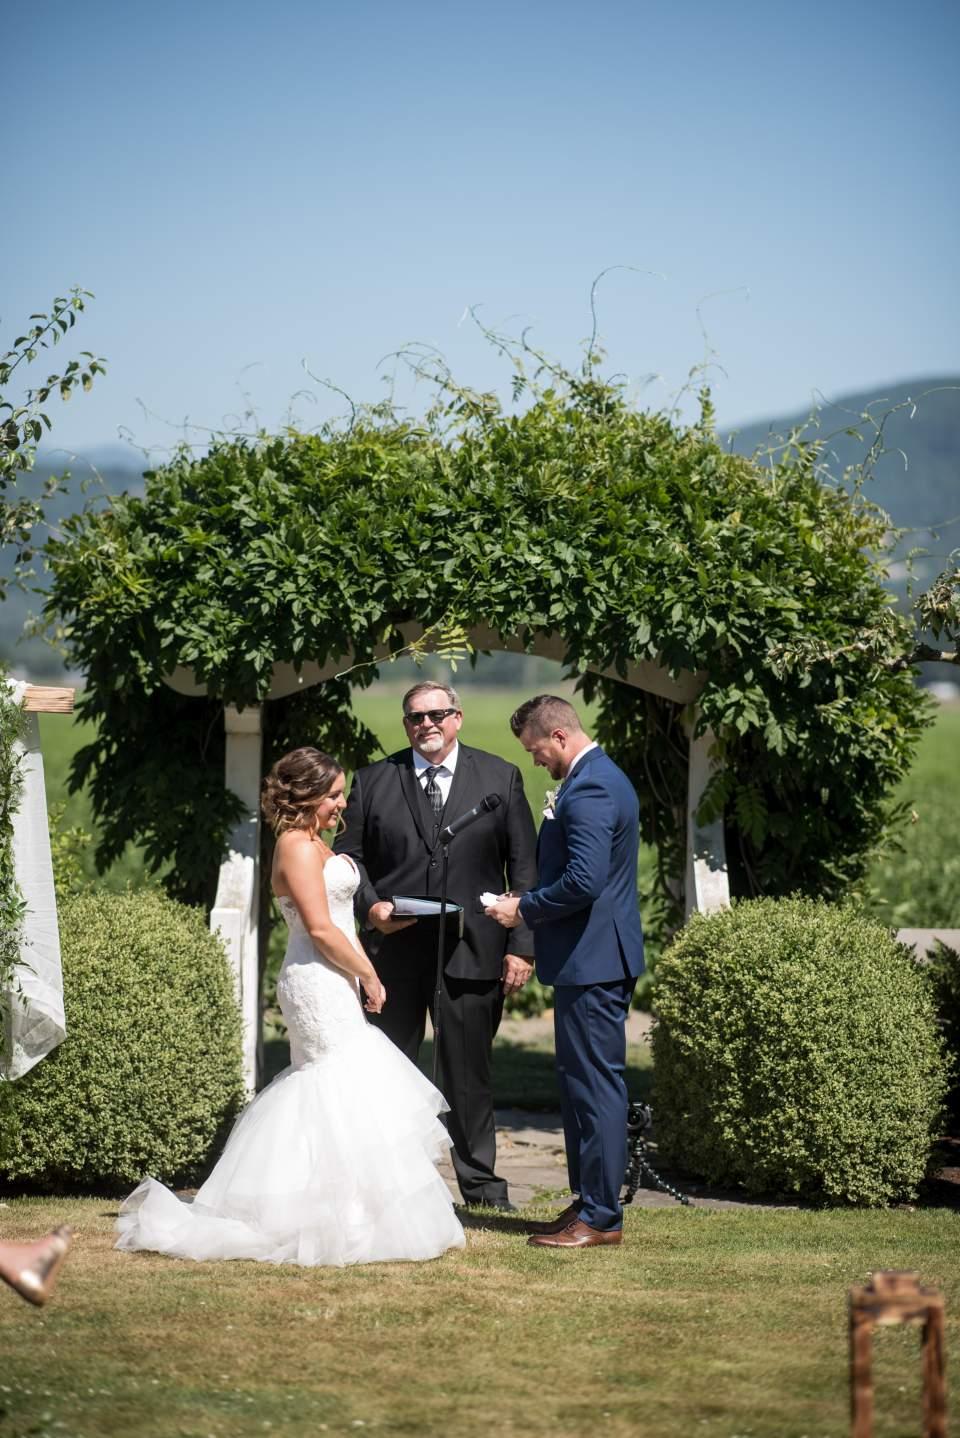 wedding ceremony photos 1